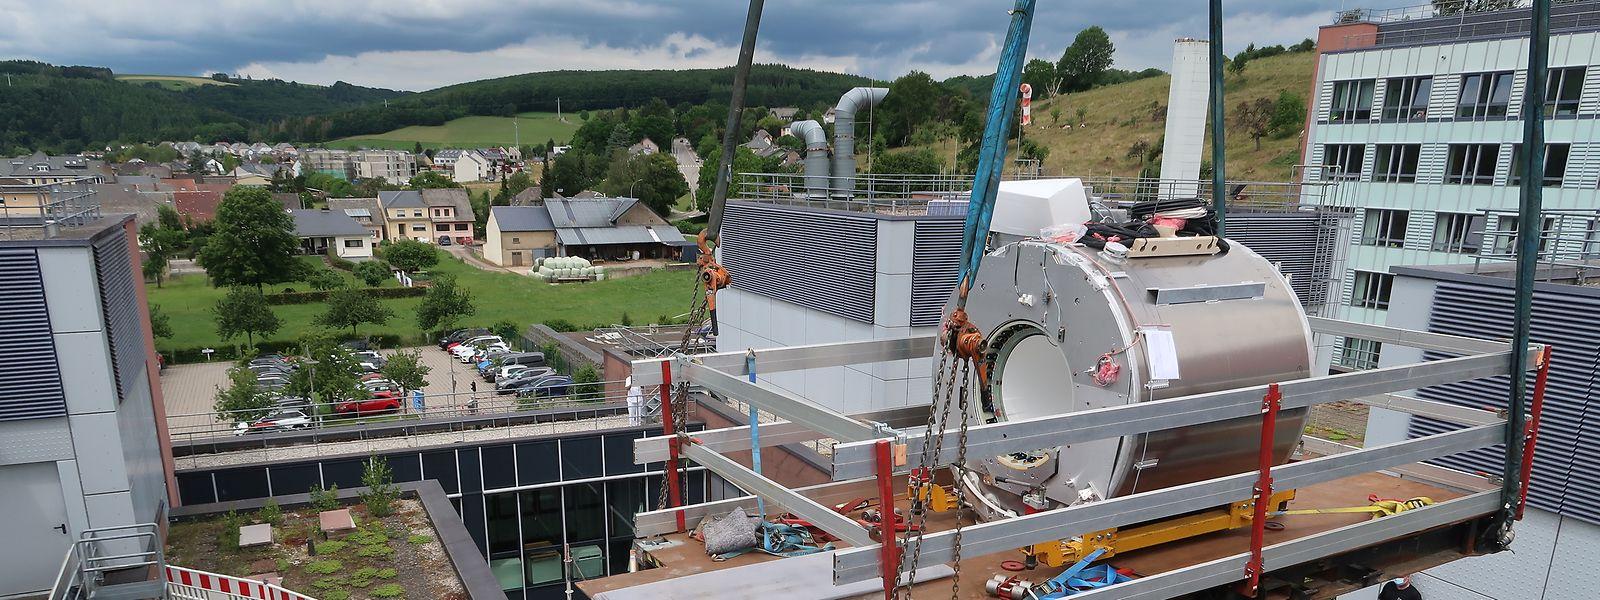 Der 2,3 Tonnen schwere Magnetresonanztomograf musste über ein Gebäudetrakt des Krankenhauses hinweg bis zu seinem definitiven Platz in einem neuen Anbau im Innenhof gehievt werden.